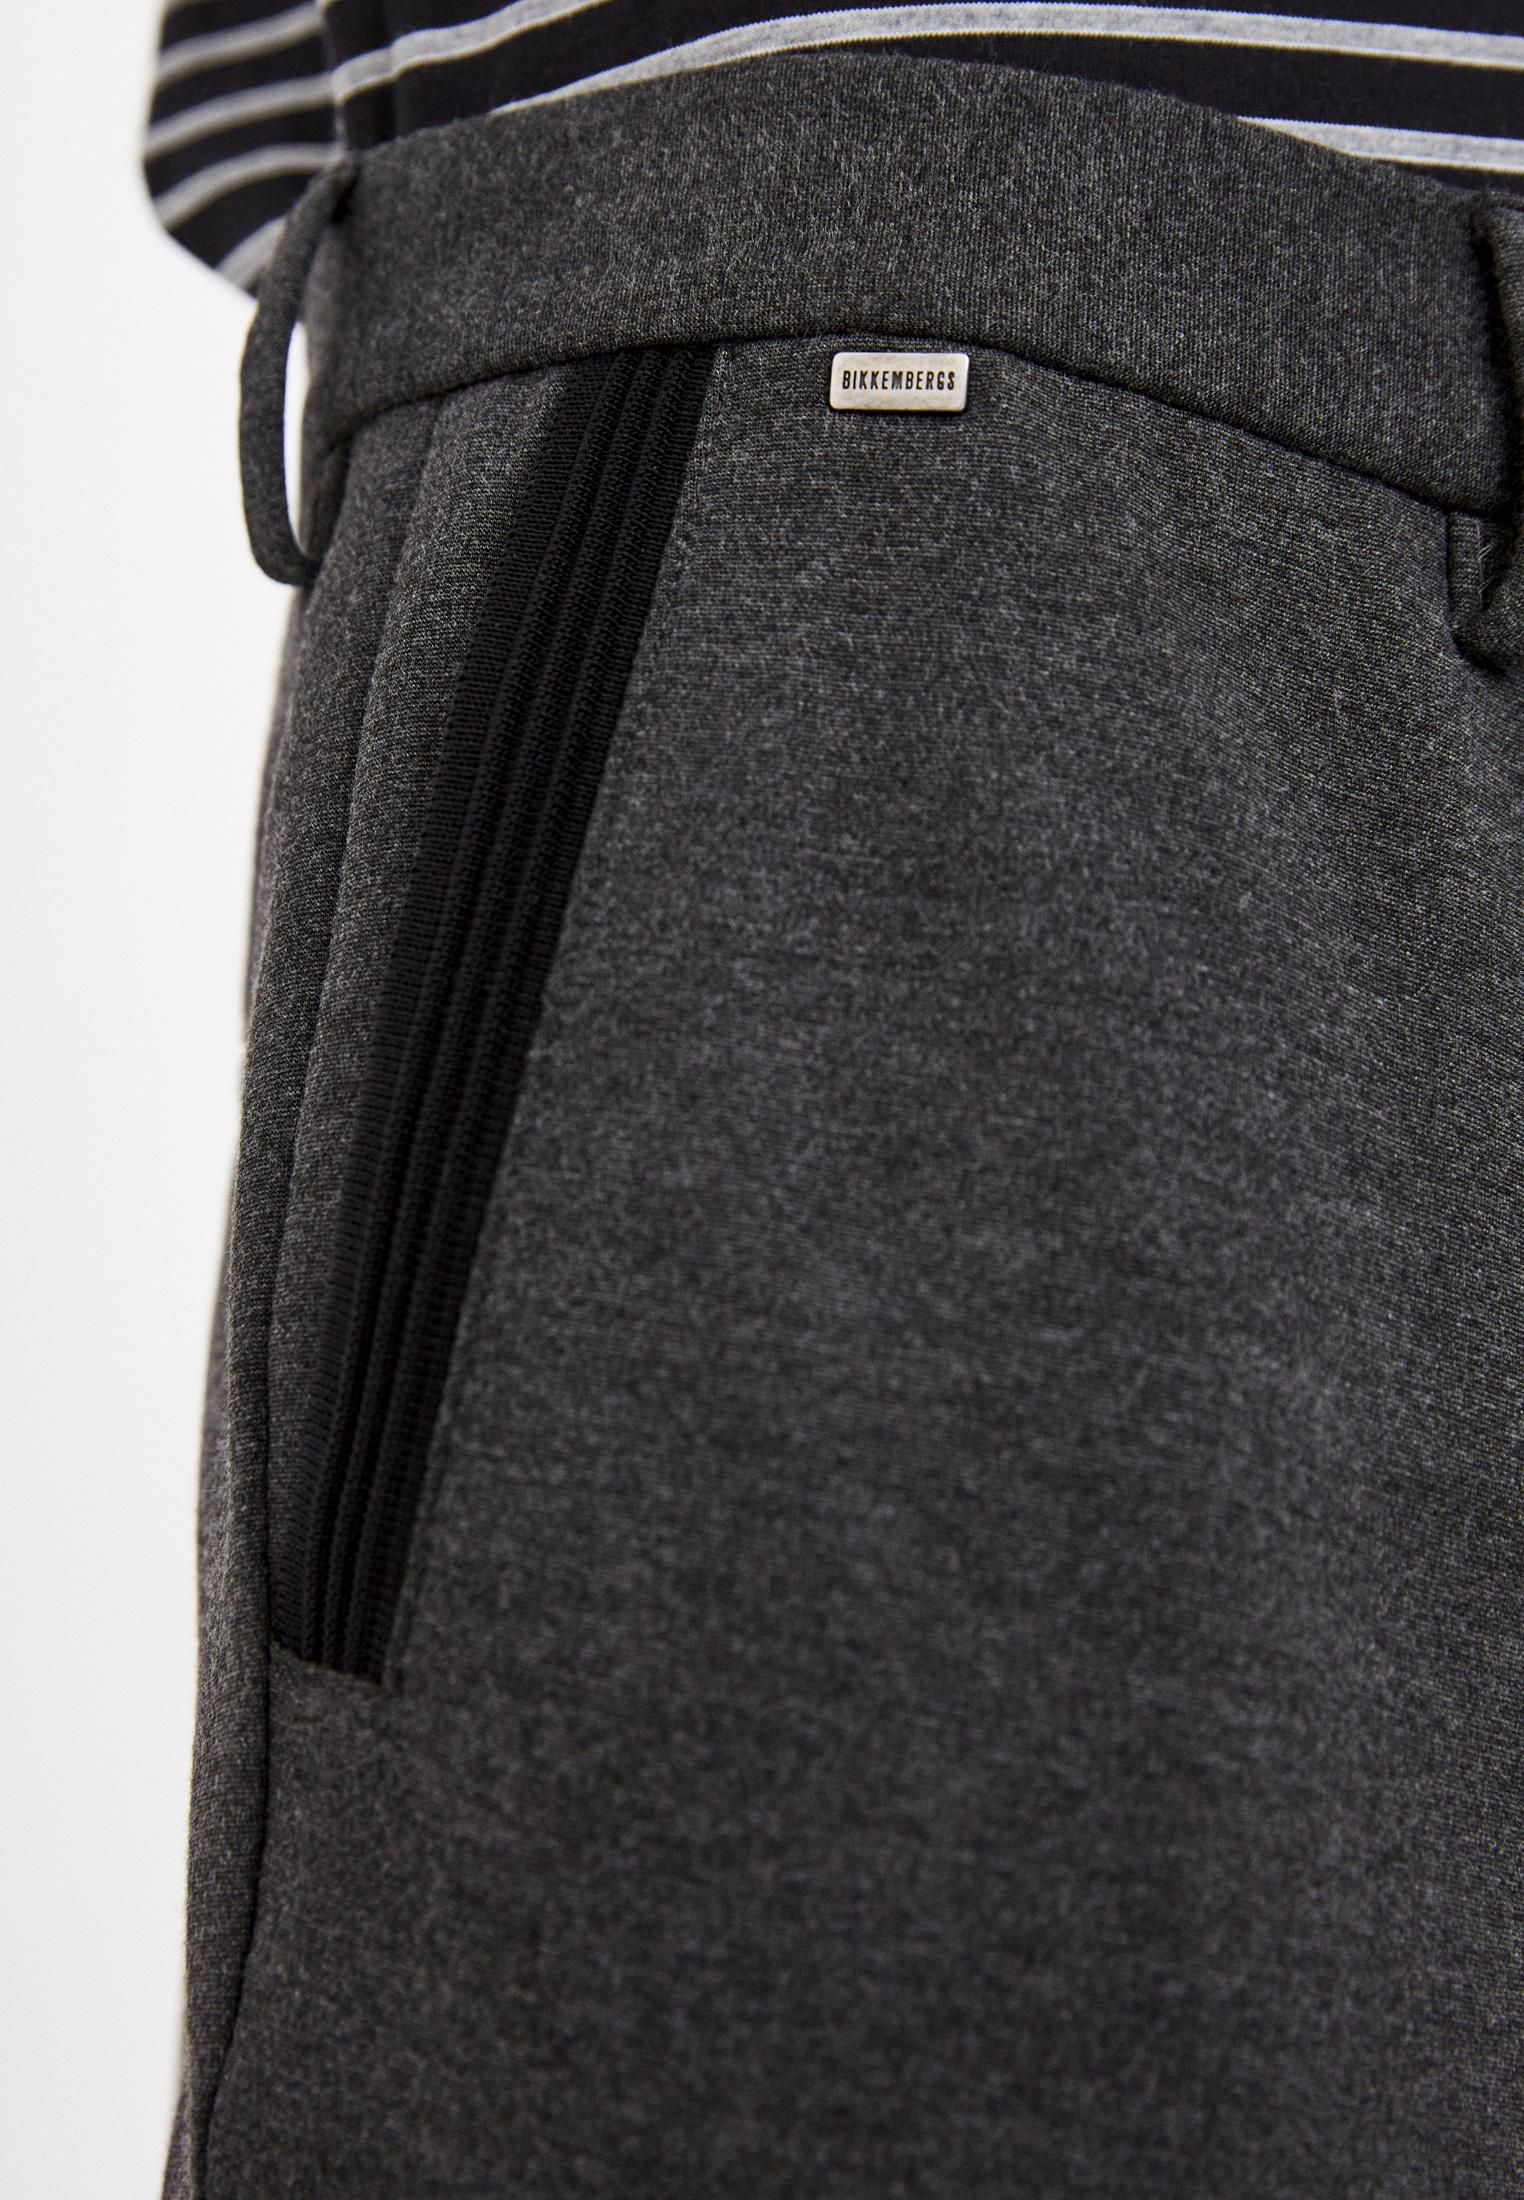 Мужские повседневные брюки Bikkembergs (Биккембергс) C 1 061 80 E 1969: изображение 5